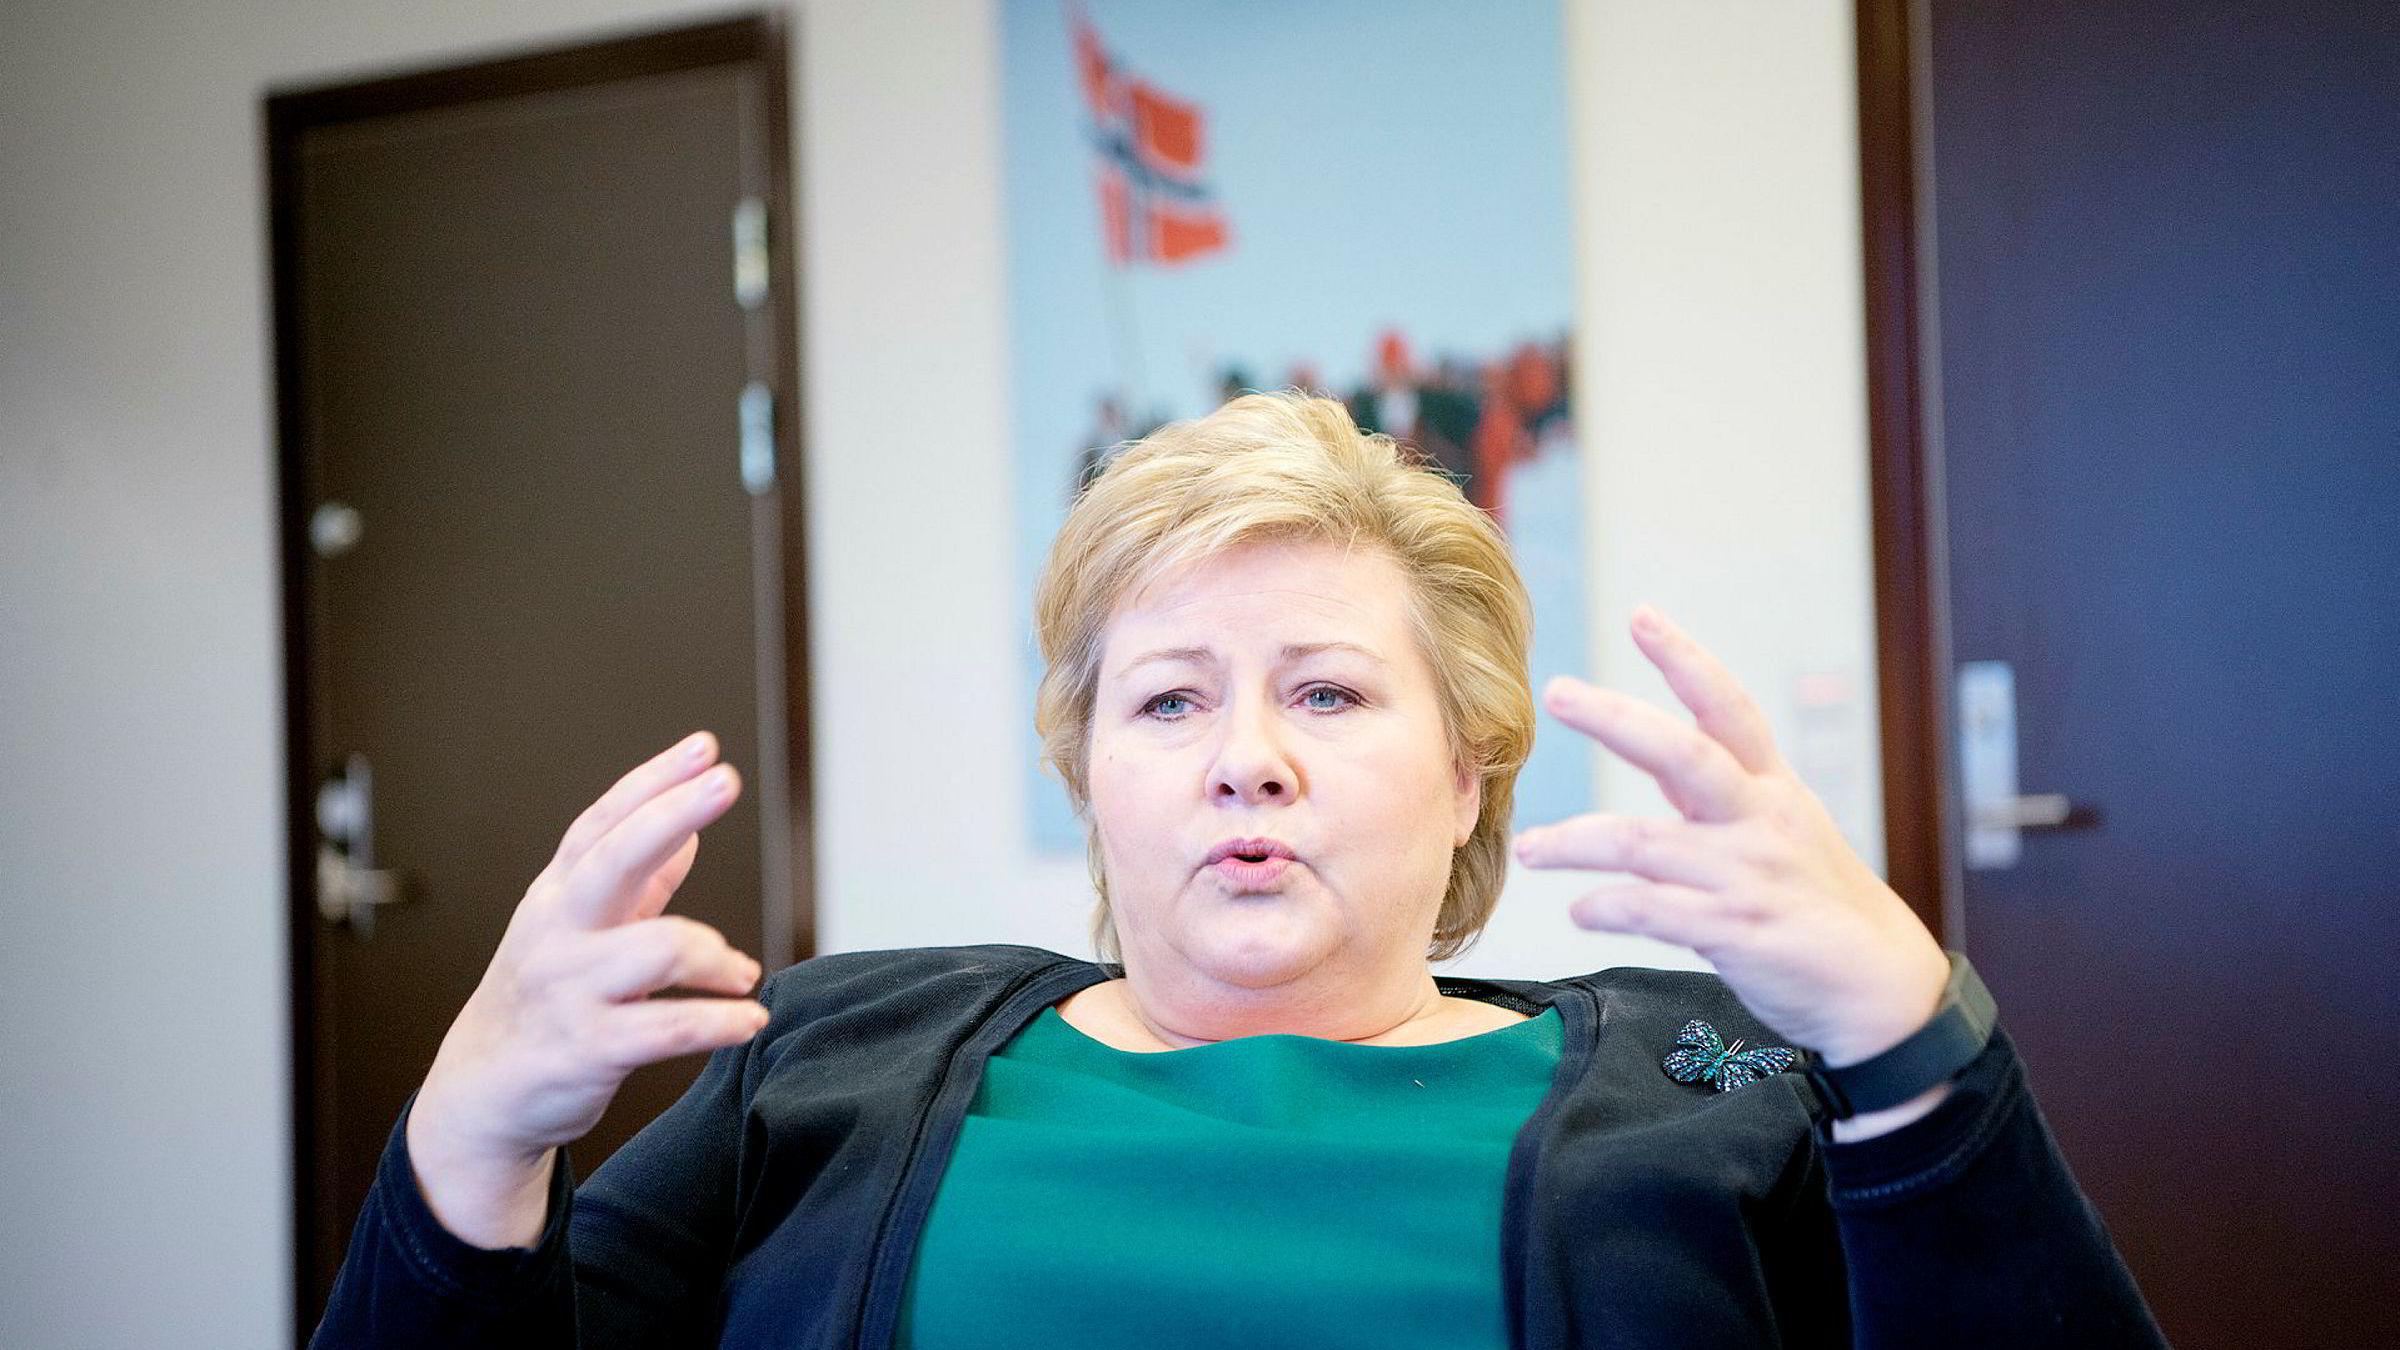 Hilsen hjem. Vei- og jernbaneutbygging for 20 milliarder kroner i statsminister Erna Solbergs Hordaland rykker nærmere